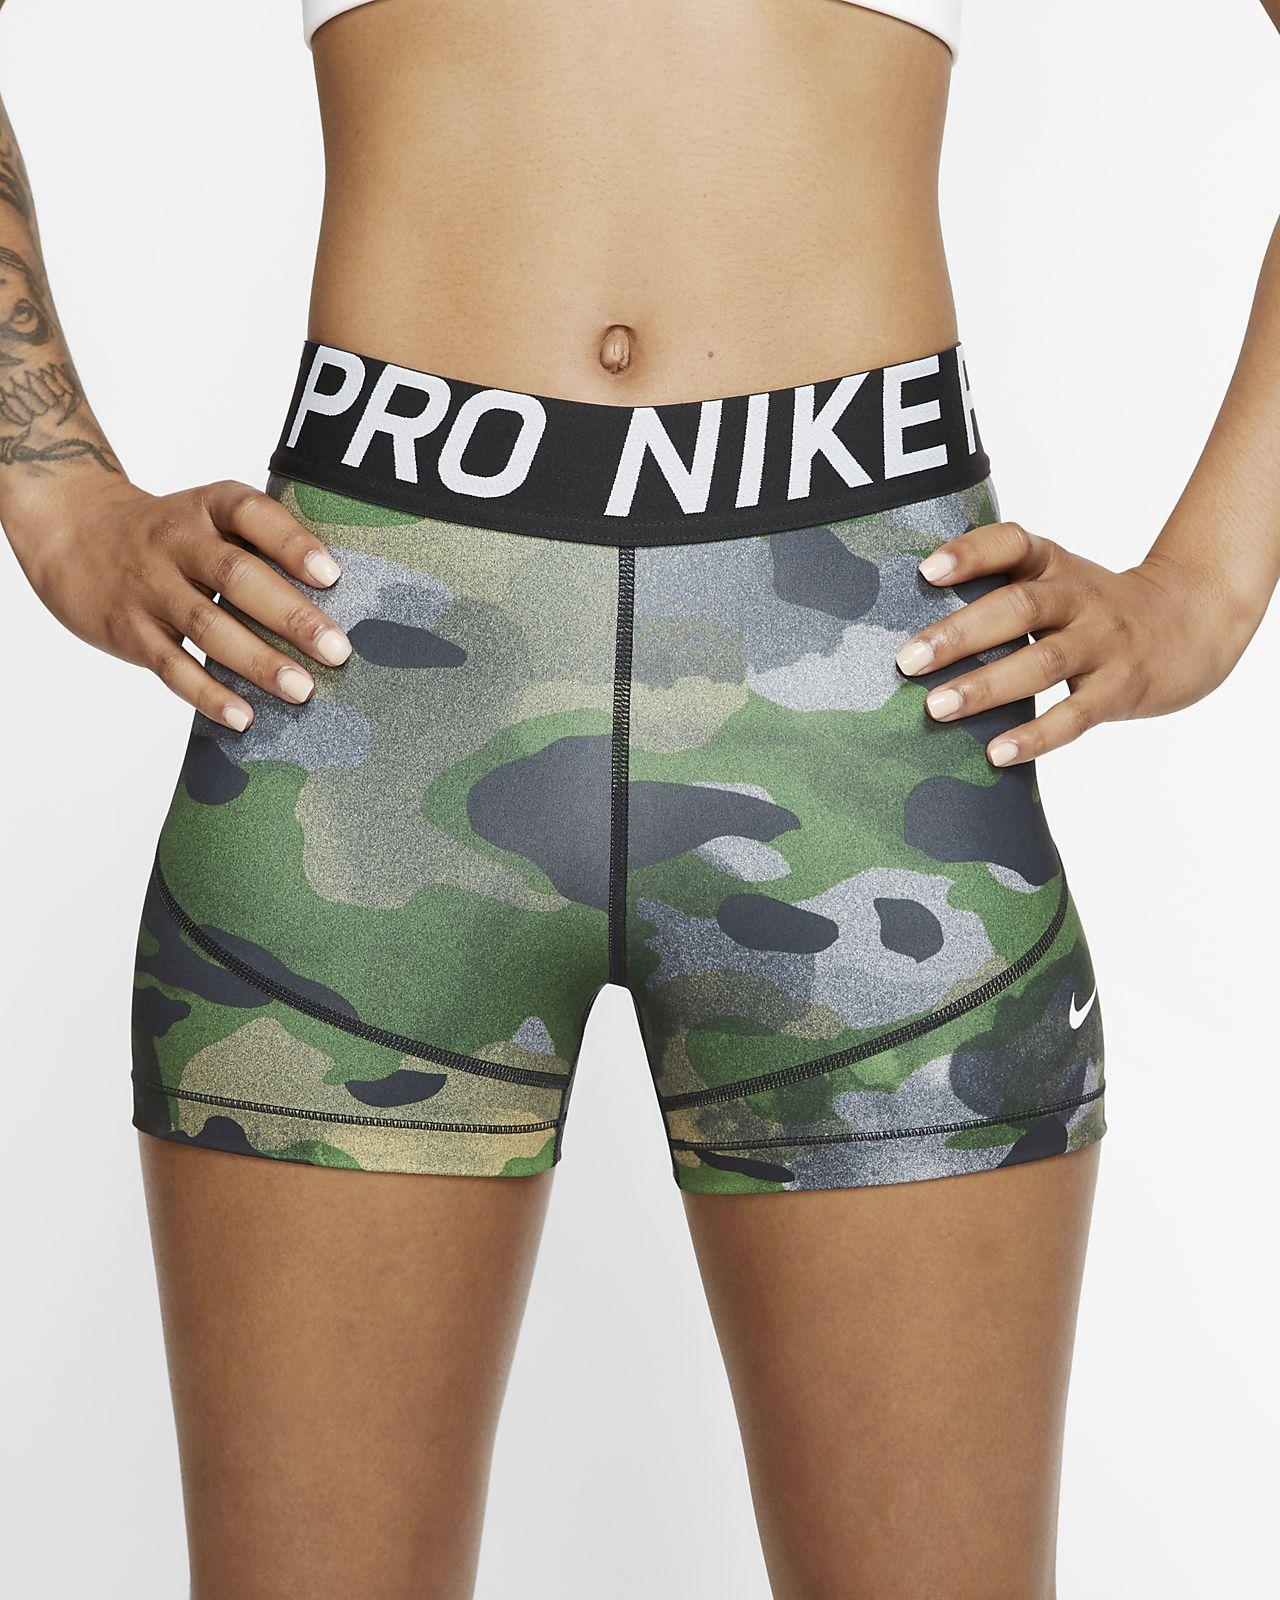 กางเกงขาสั้นลายพราง 3 นิ้วผู้หญิง Nike Pro